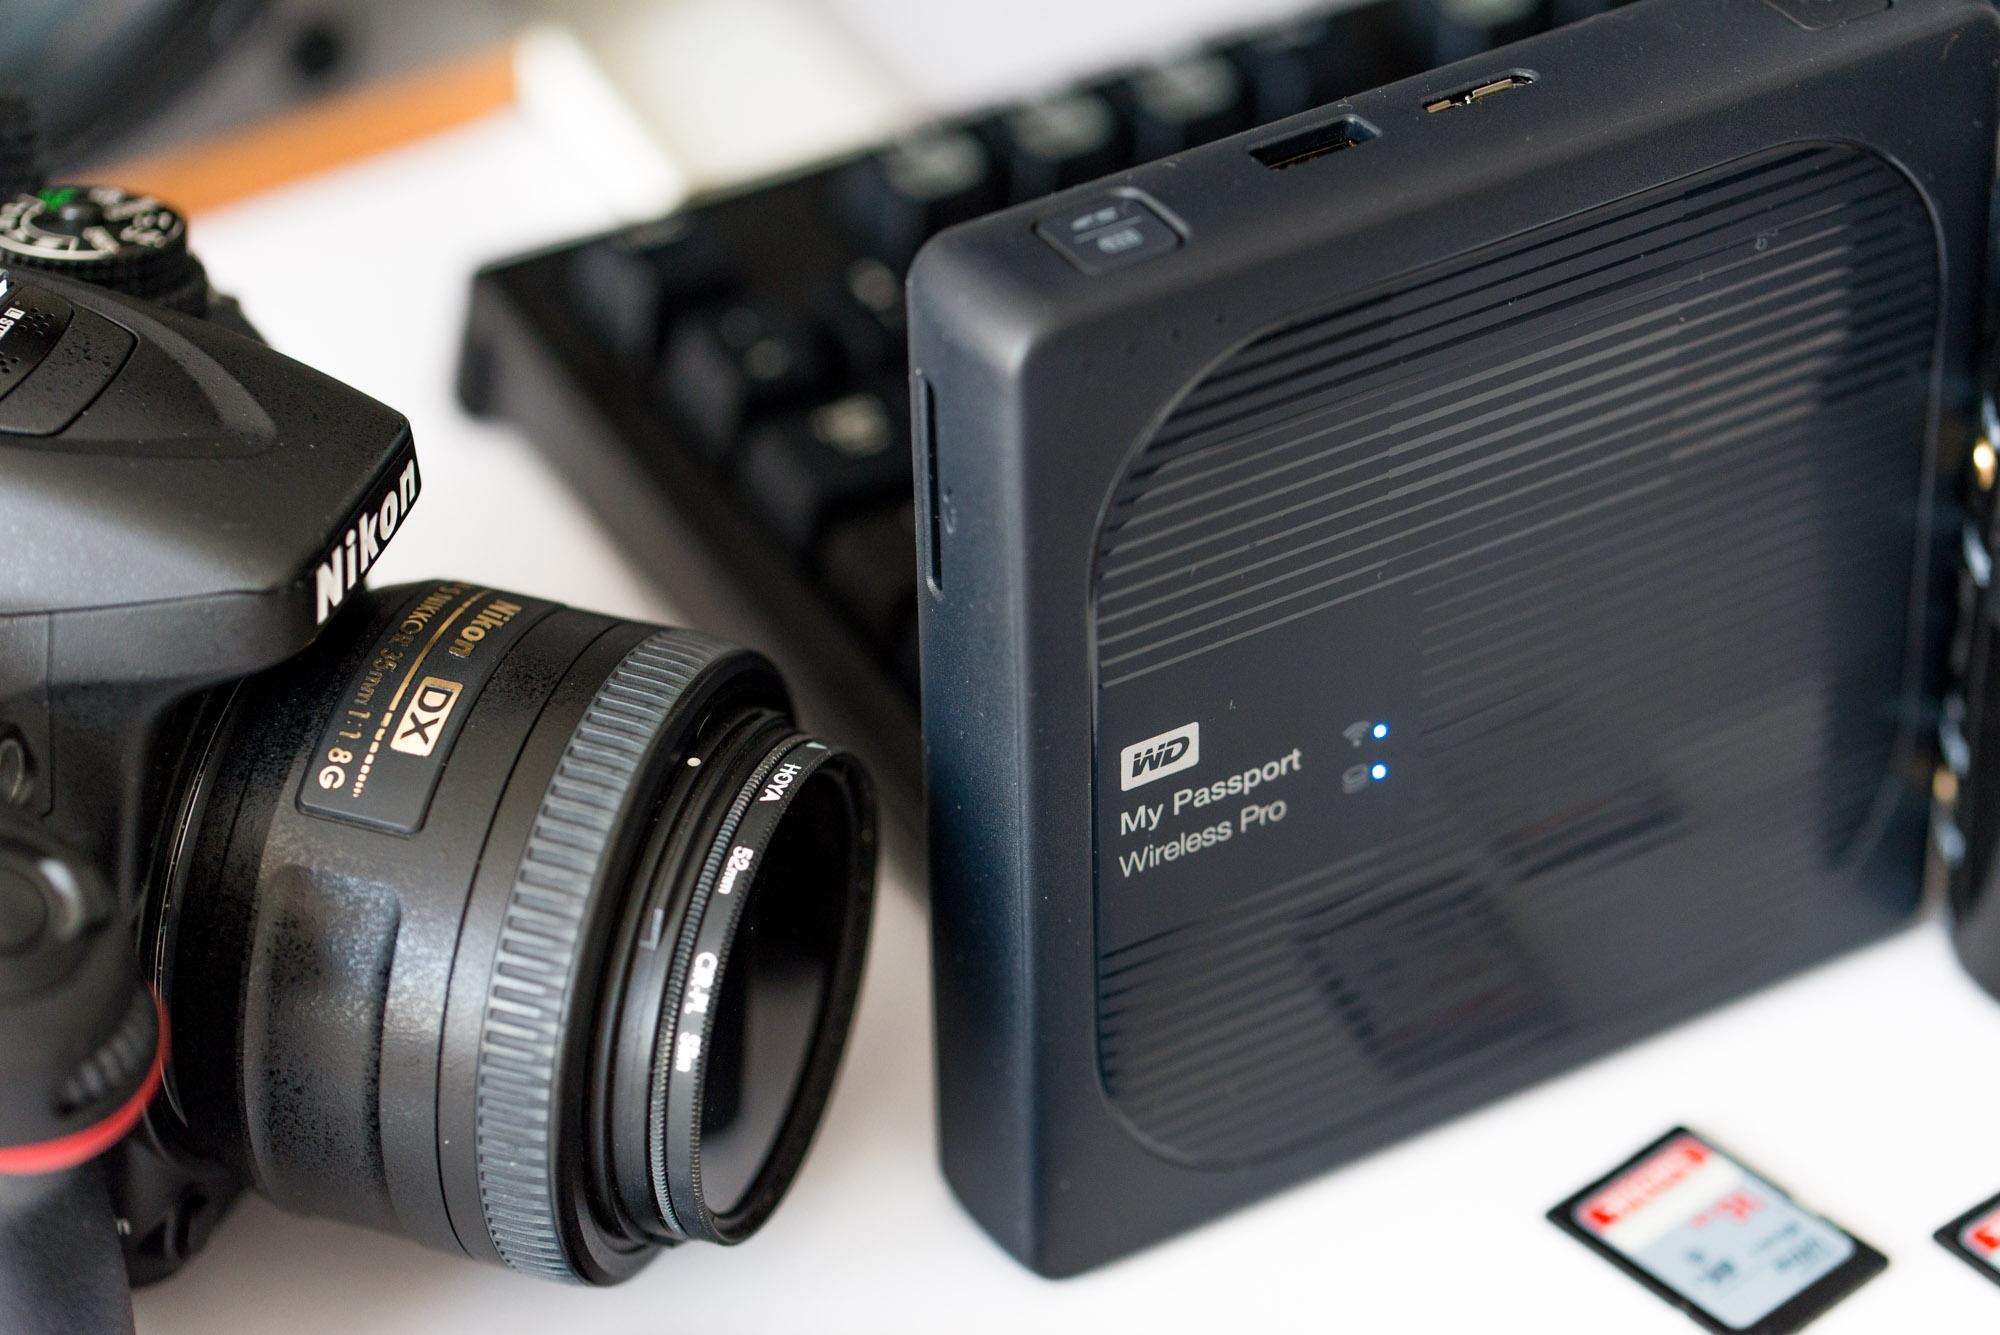 WD-MyPassport-Wireless-Pro-3